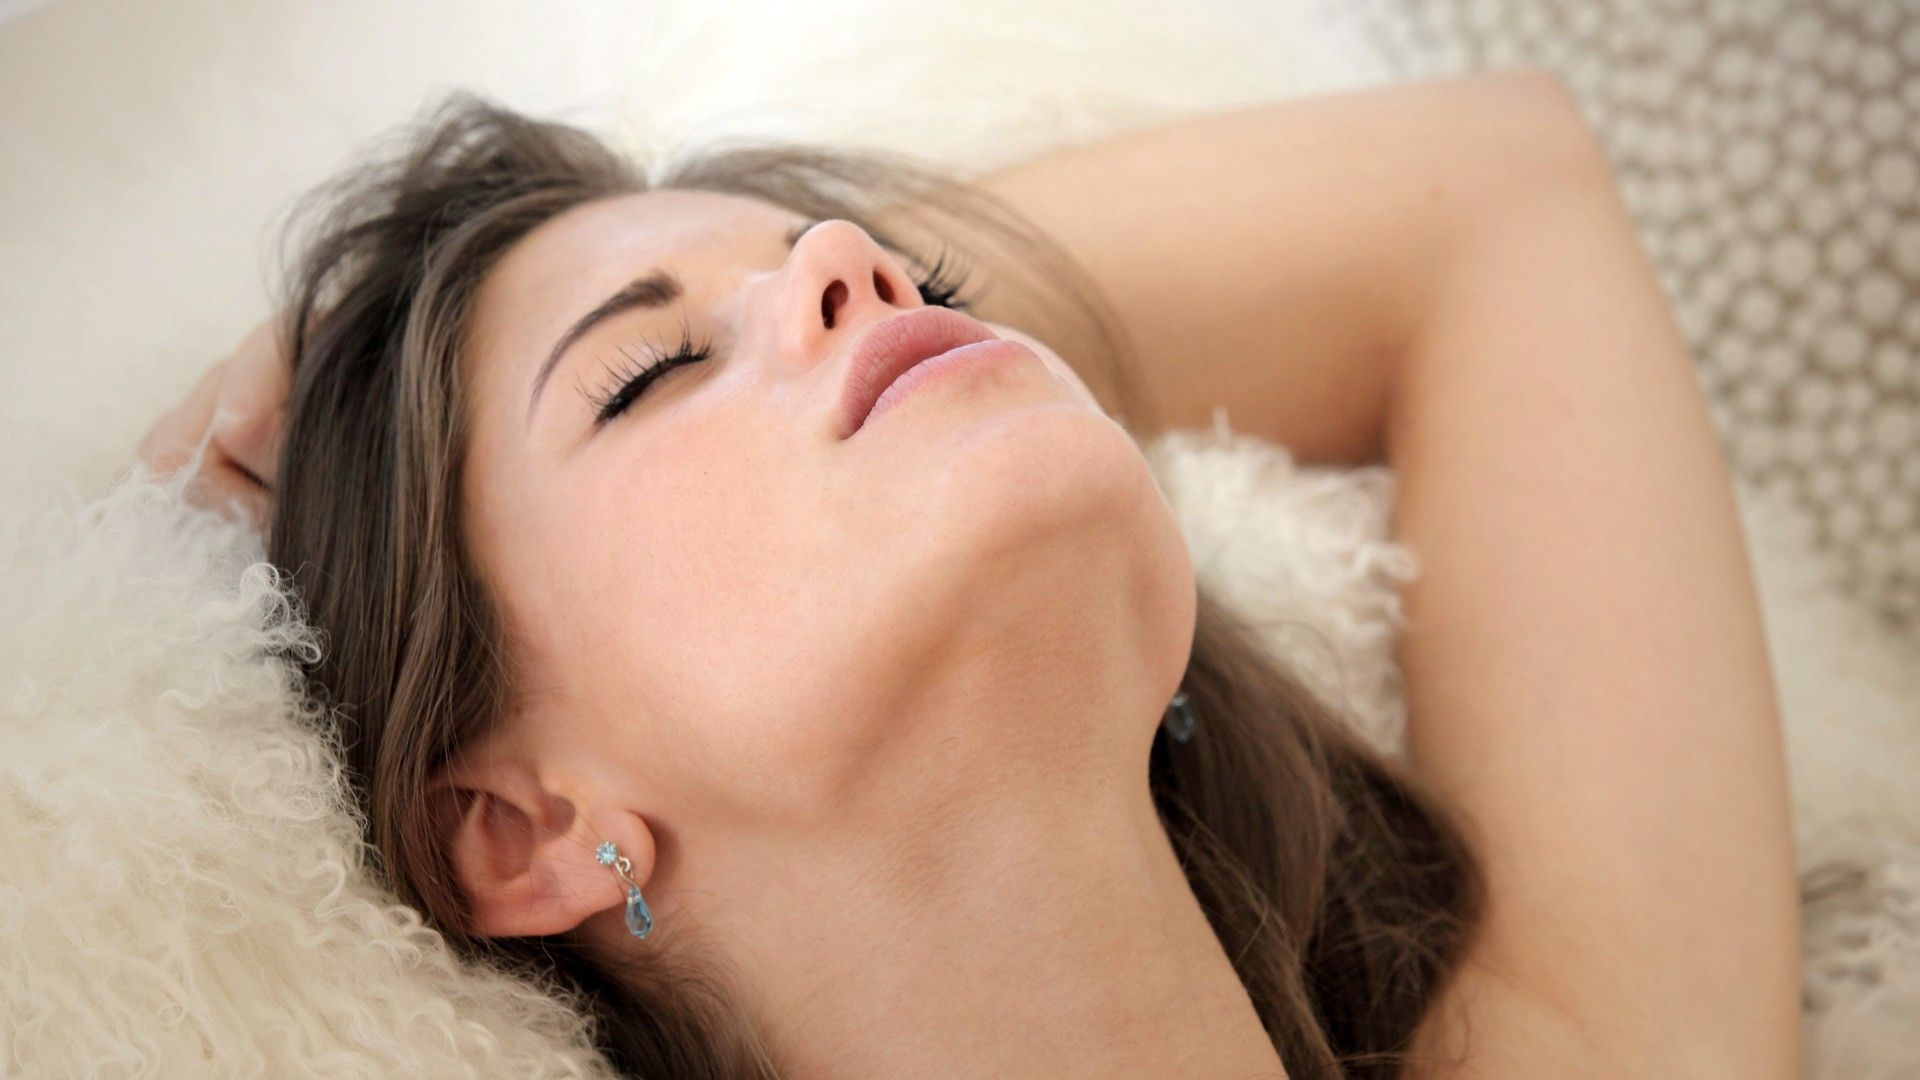 Marisa miller nude sex video